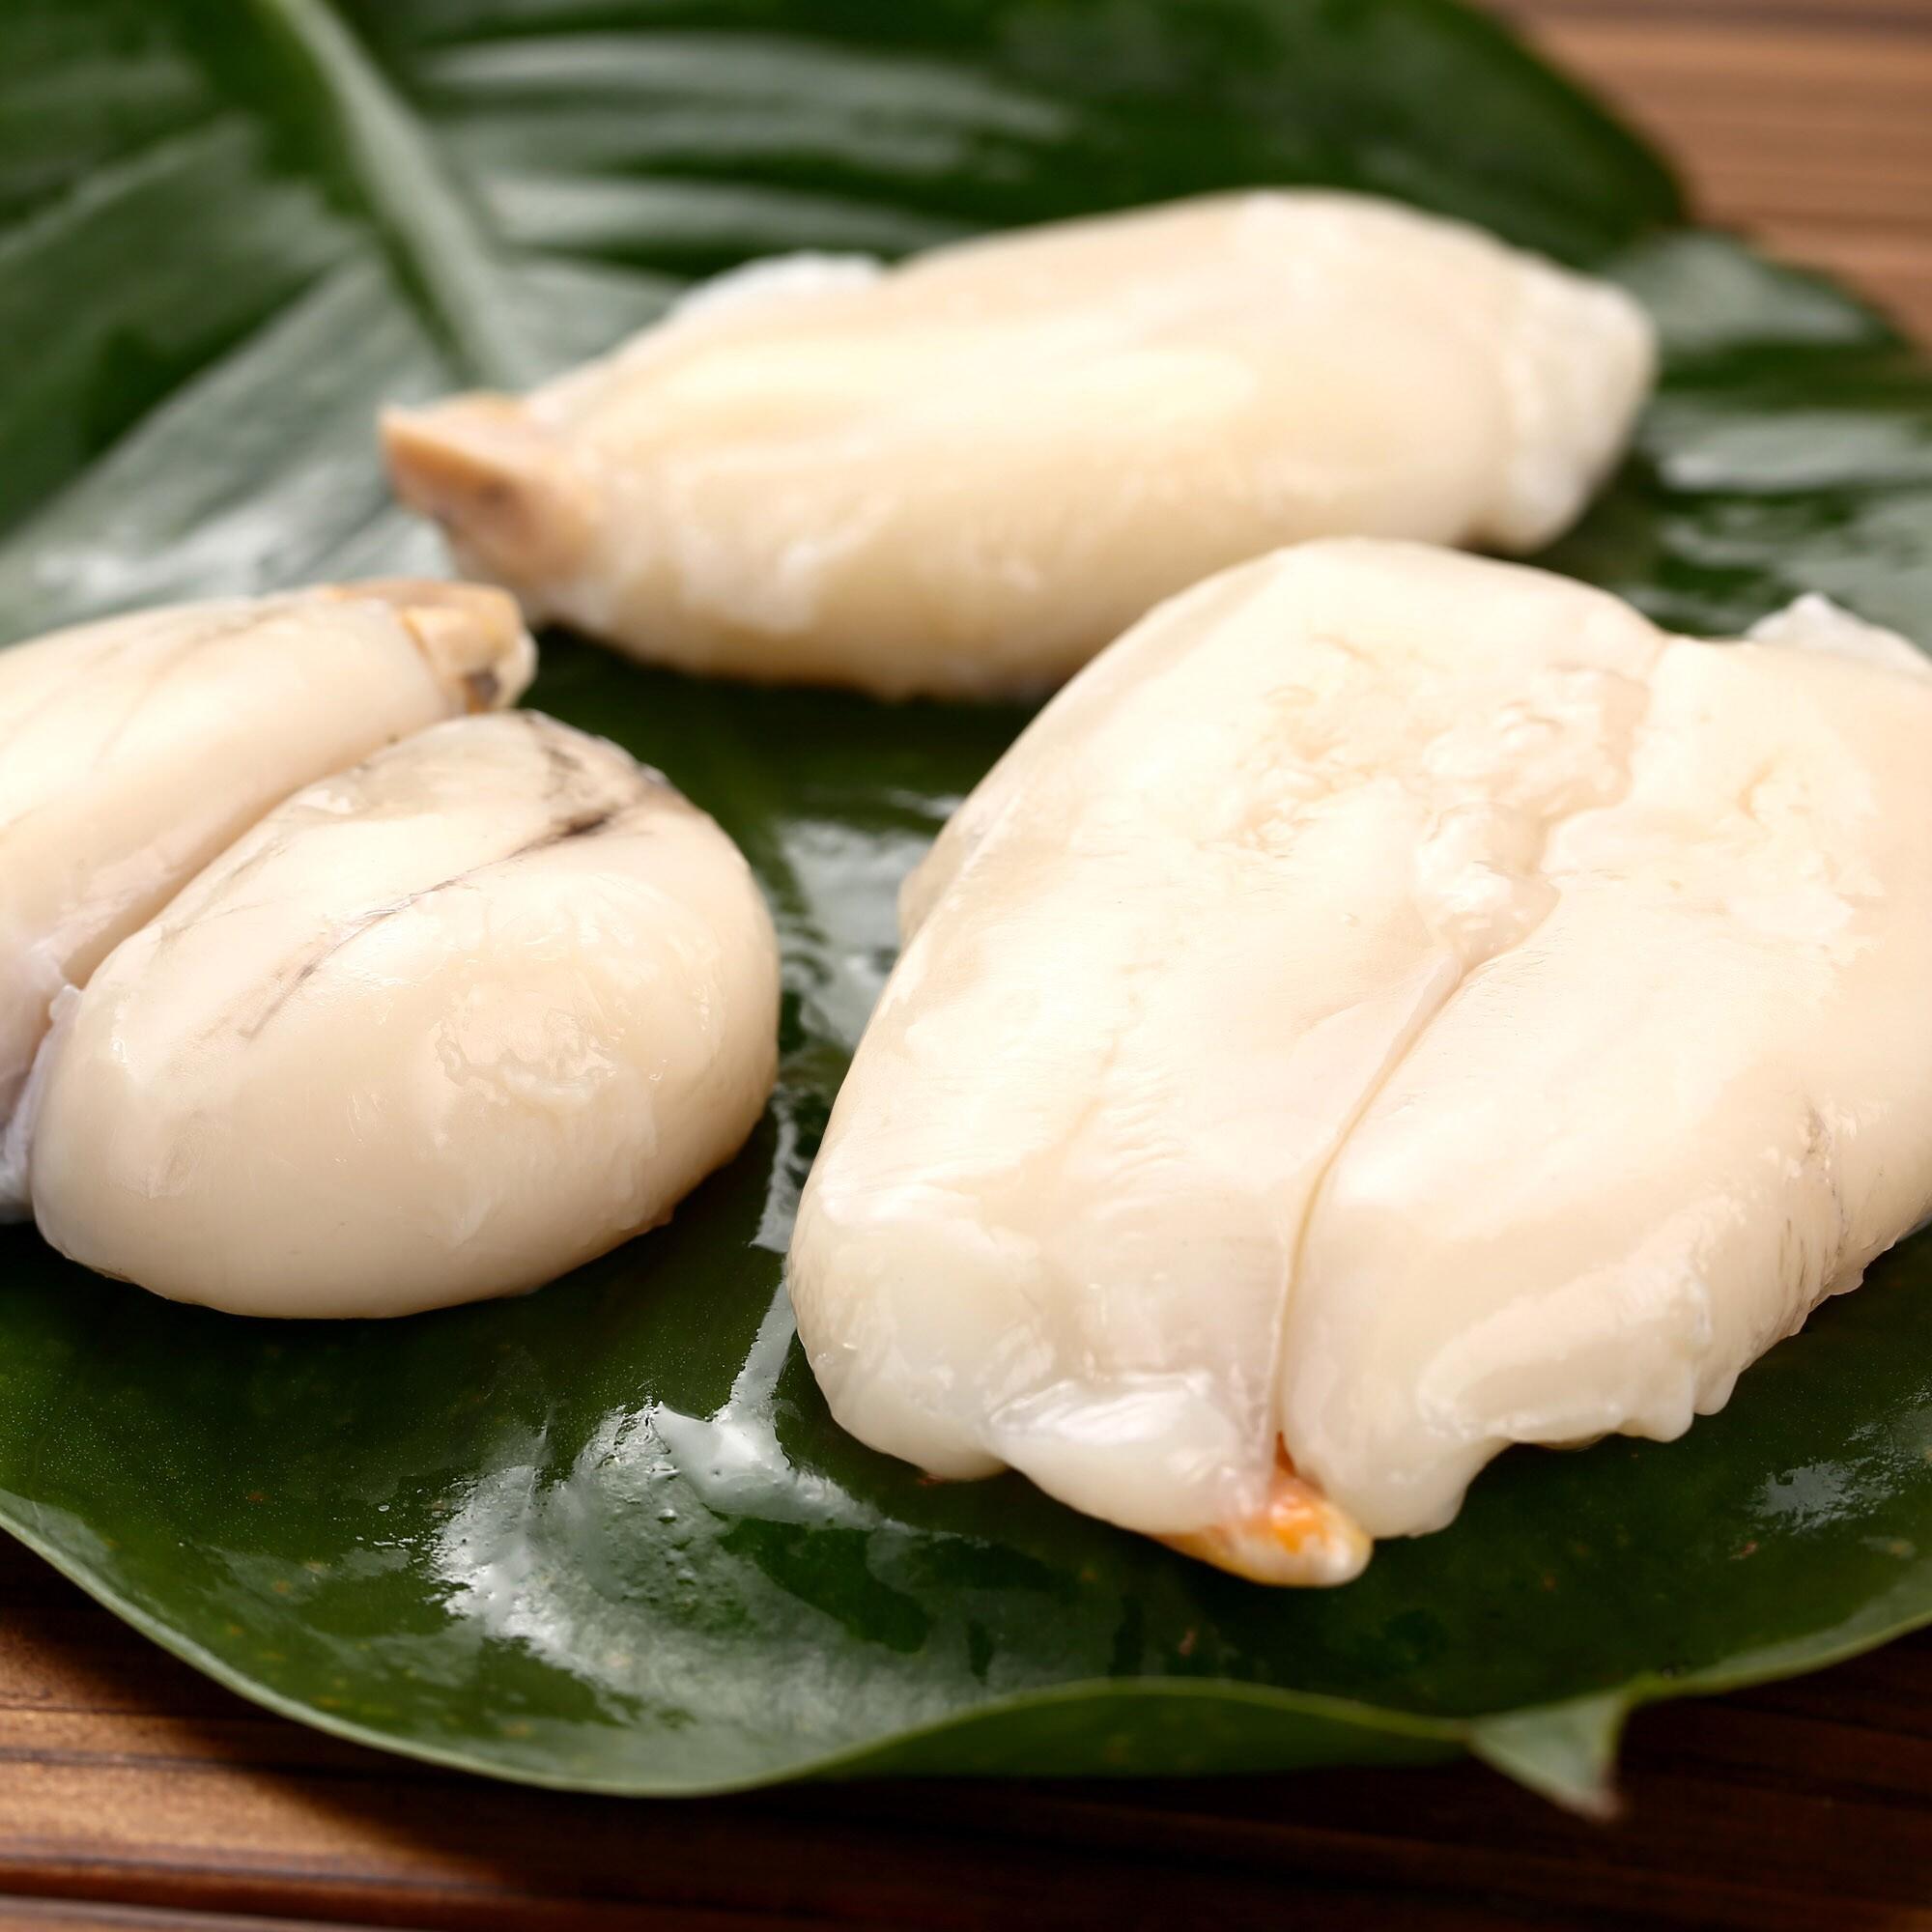 品三江海味 野生墨鱼蛋 目鱼蛋 乌贼蛋 白蛋 宁波腌制海鲜500g